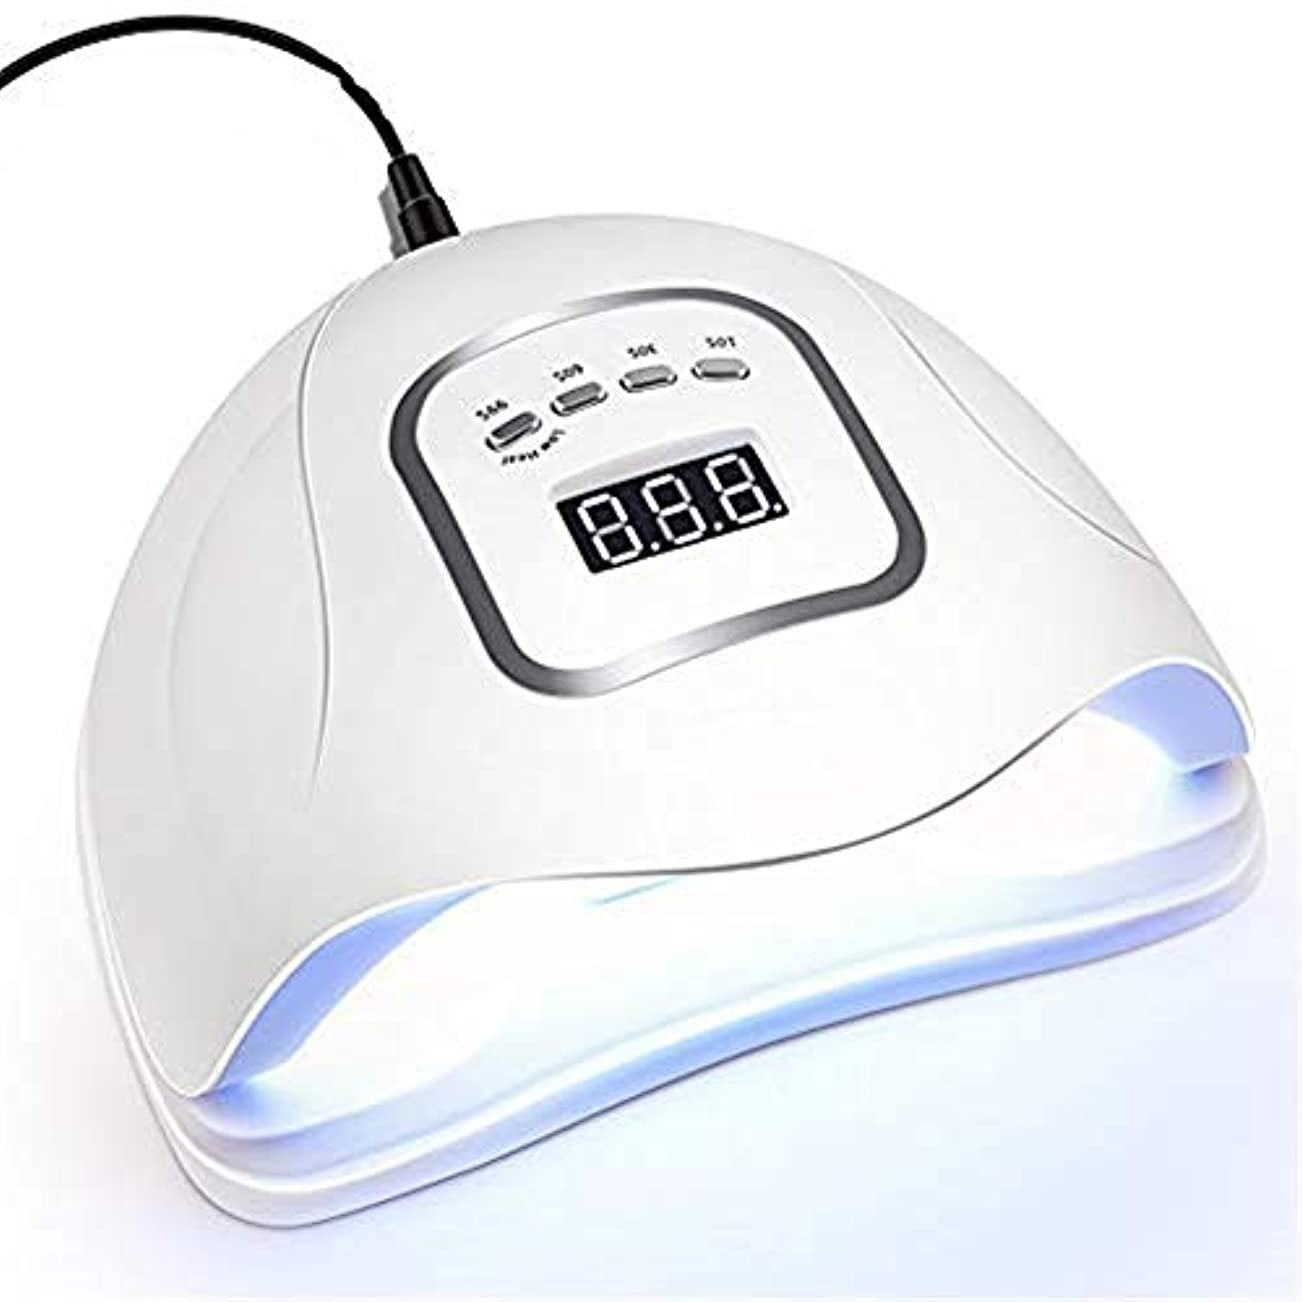 パスポートレンチヘッジ45個のランプビーズ付きUV LEDネイルランプ、すべてのジェルポリッシュ用の高速ネイルドライヤー、自動センサー付きマニキュア用UV光カットランプ&4つのタイマー、LCDディスプレイ